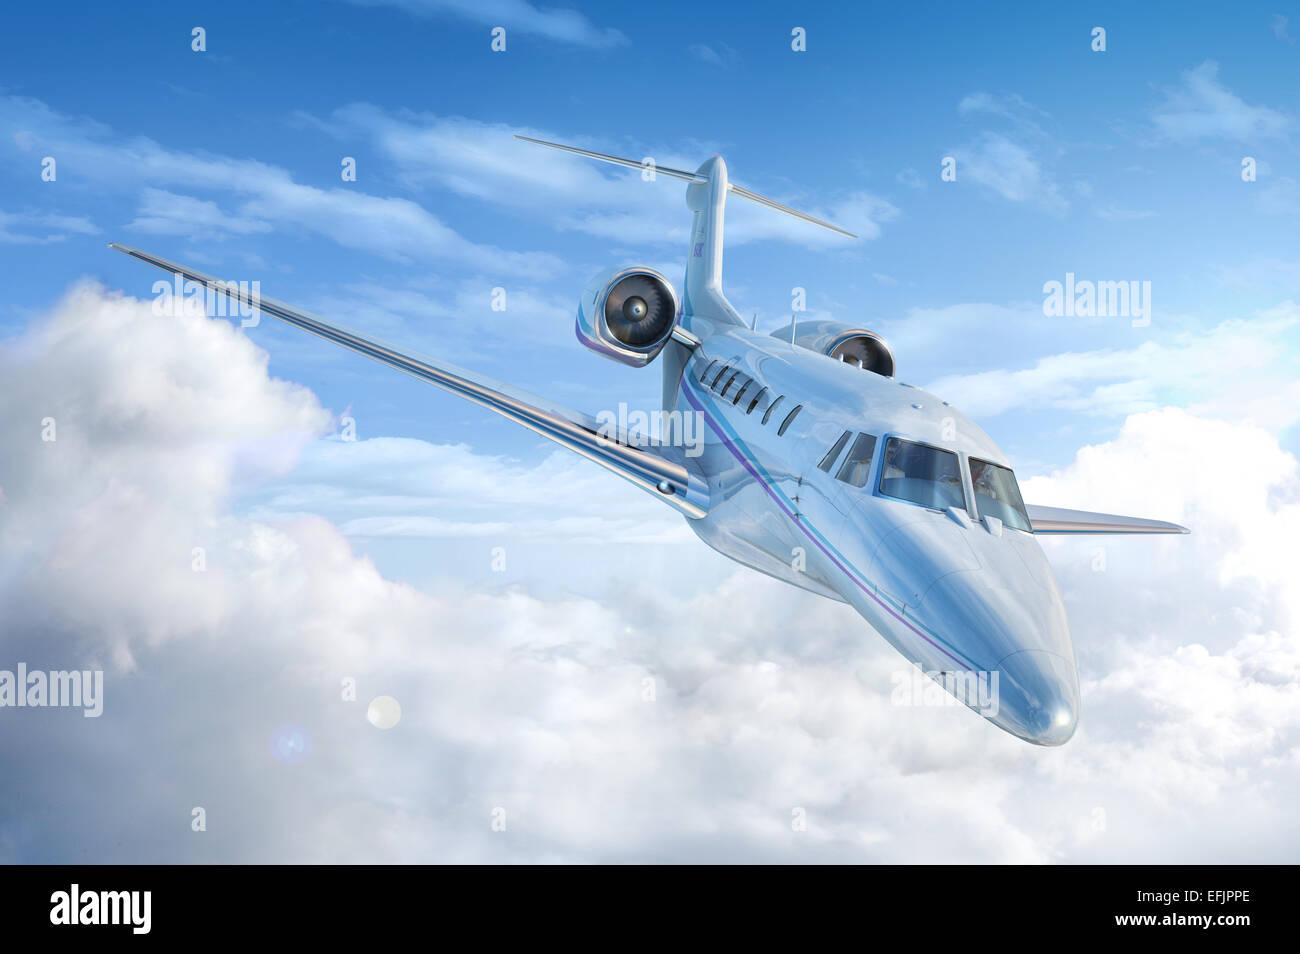 Vuelo de avión jet privado. Perspectiva o vista frontal. Con fondo de cielo y nubes. Imagen De Stock